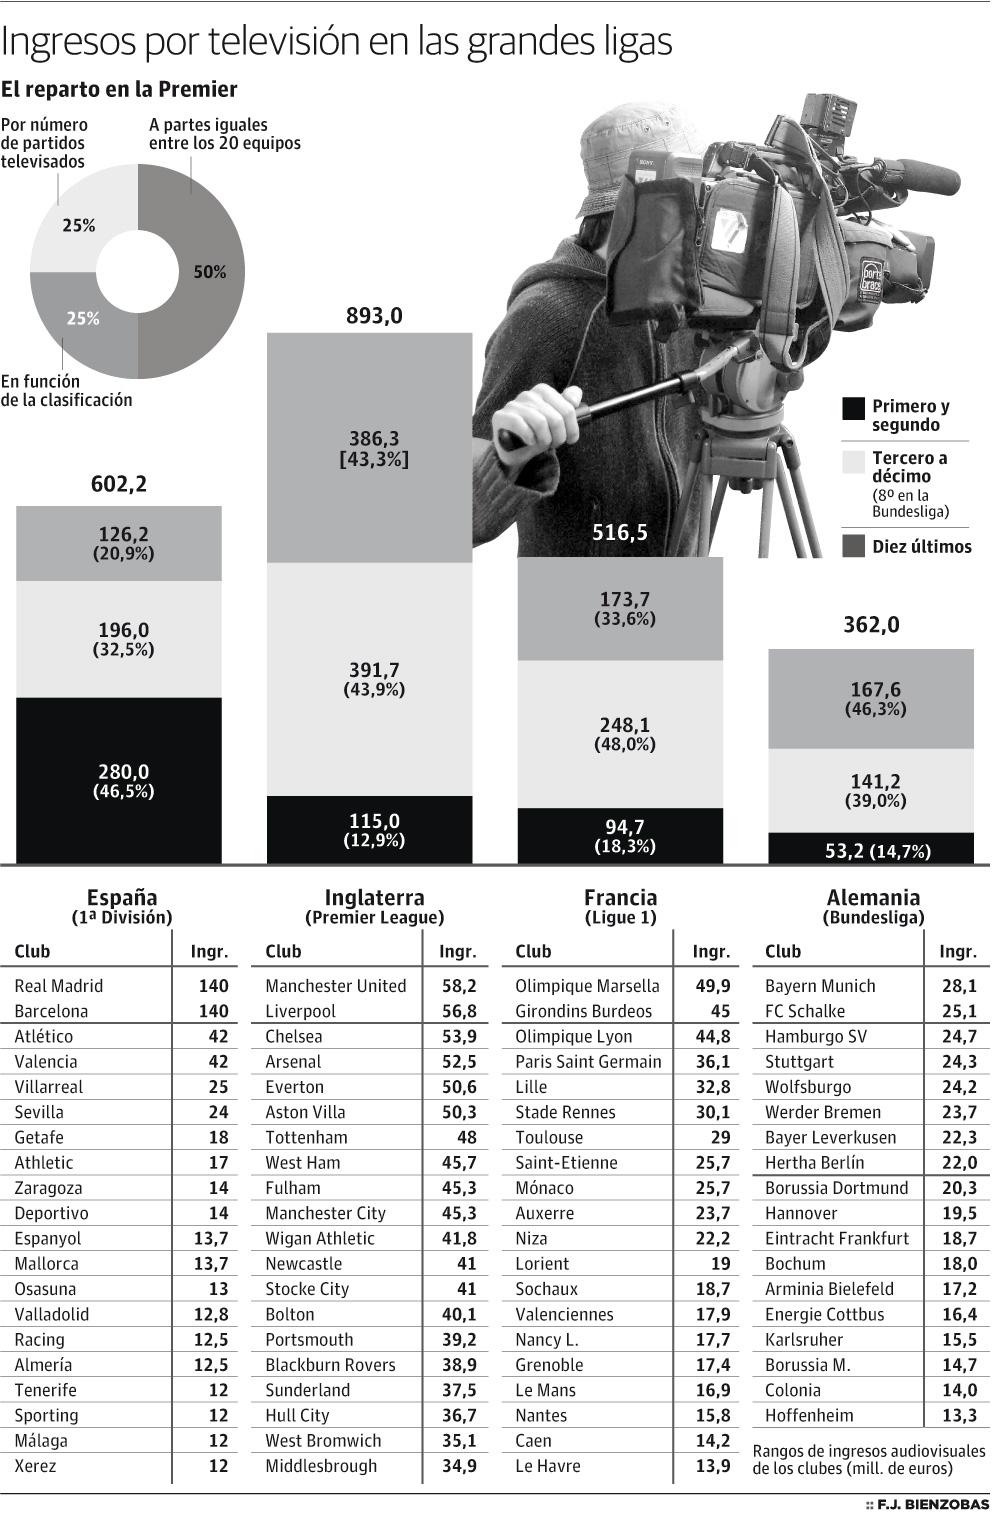 El Gobierno español redistribuirá los ingresos de los derechos televisivos